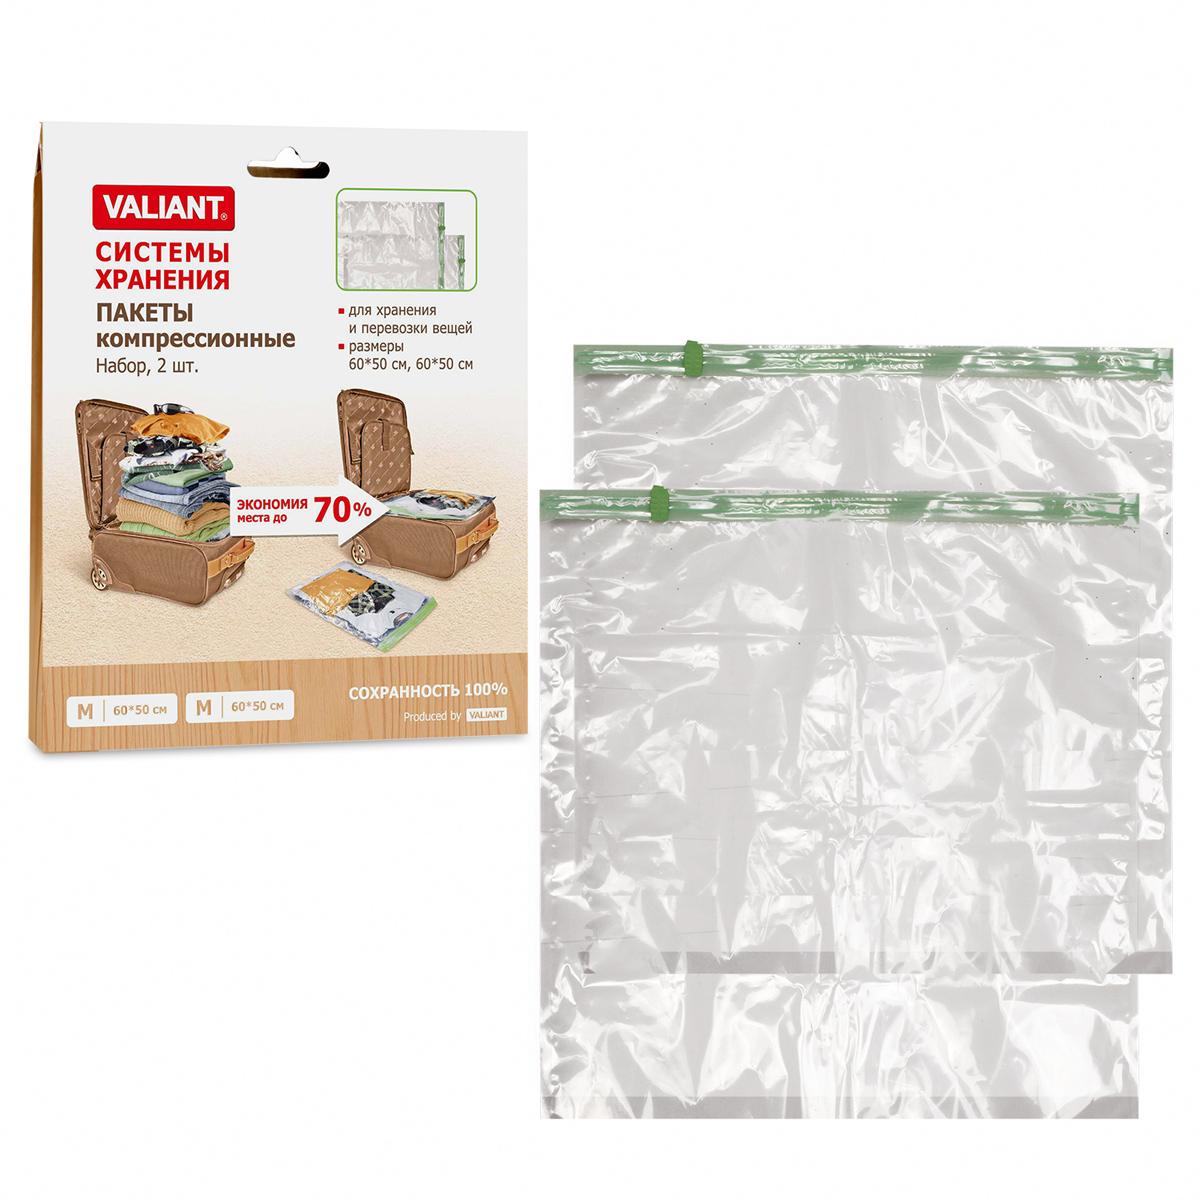 Пакеты компрессионные Valiant, 60 х 50 см, 2 штMS65Компрессионные пакеты Valiant - рациональный подход к компактному хранению и перевозке вещей. Вы существенно сэкономите место на полке в шкафу или в чемодане. Вещи сжимаются в объеме на 70%, полностью сохраняя свое качество. Благодаря этому вы сможете сложить в чемодан или сумку больше вещей и перевезти их аккуратно и надежно. Пакет также защищает вещи от любых повреждений - влаги, пыли, пятен, плесени, моли и других насекомых, а также от обесцвечивания, запахов и бактерий. Пакет универсальный, для его использования не нужен пылесос. Чтобы выпустить воздух из пакета, достаточно просто его скатать. Пакет закрывается на замок zip-lock. Не подходит для изделий из меха и кожи. Комплектация: 2 шт. Размер пакета: 60 см х 50 см.